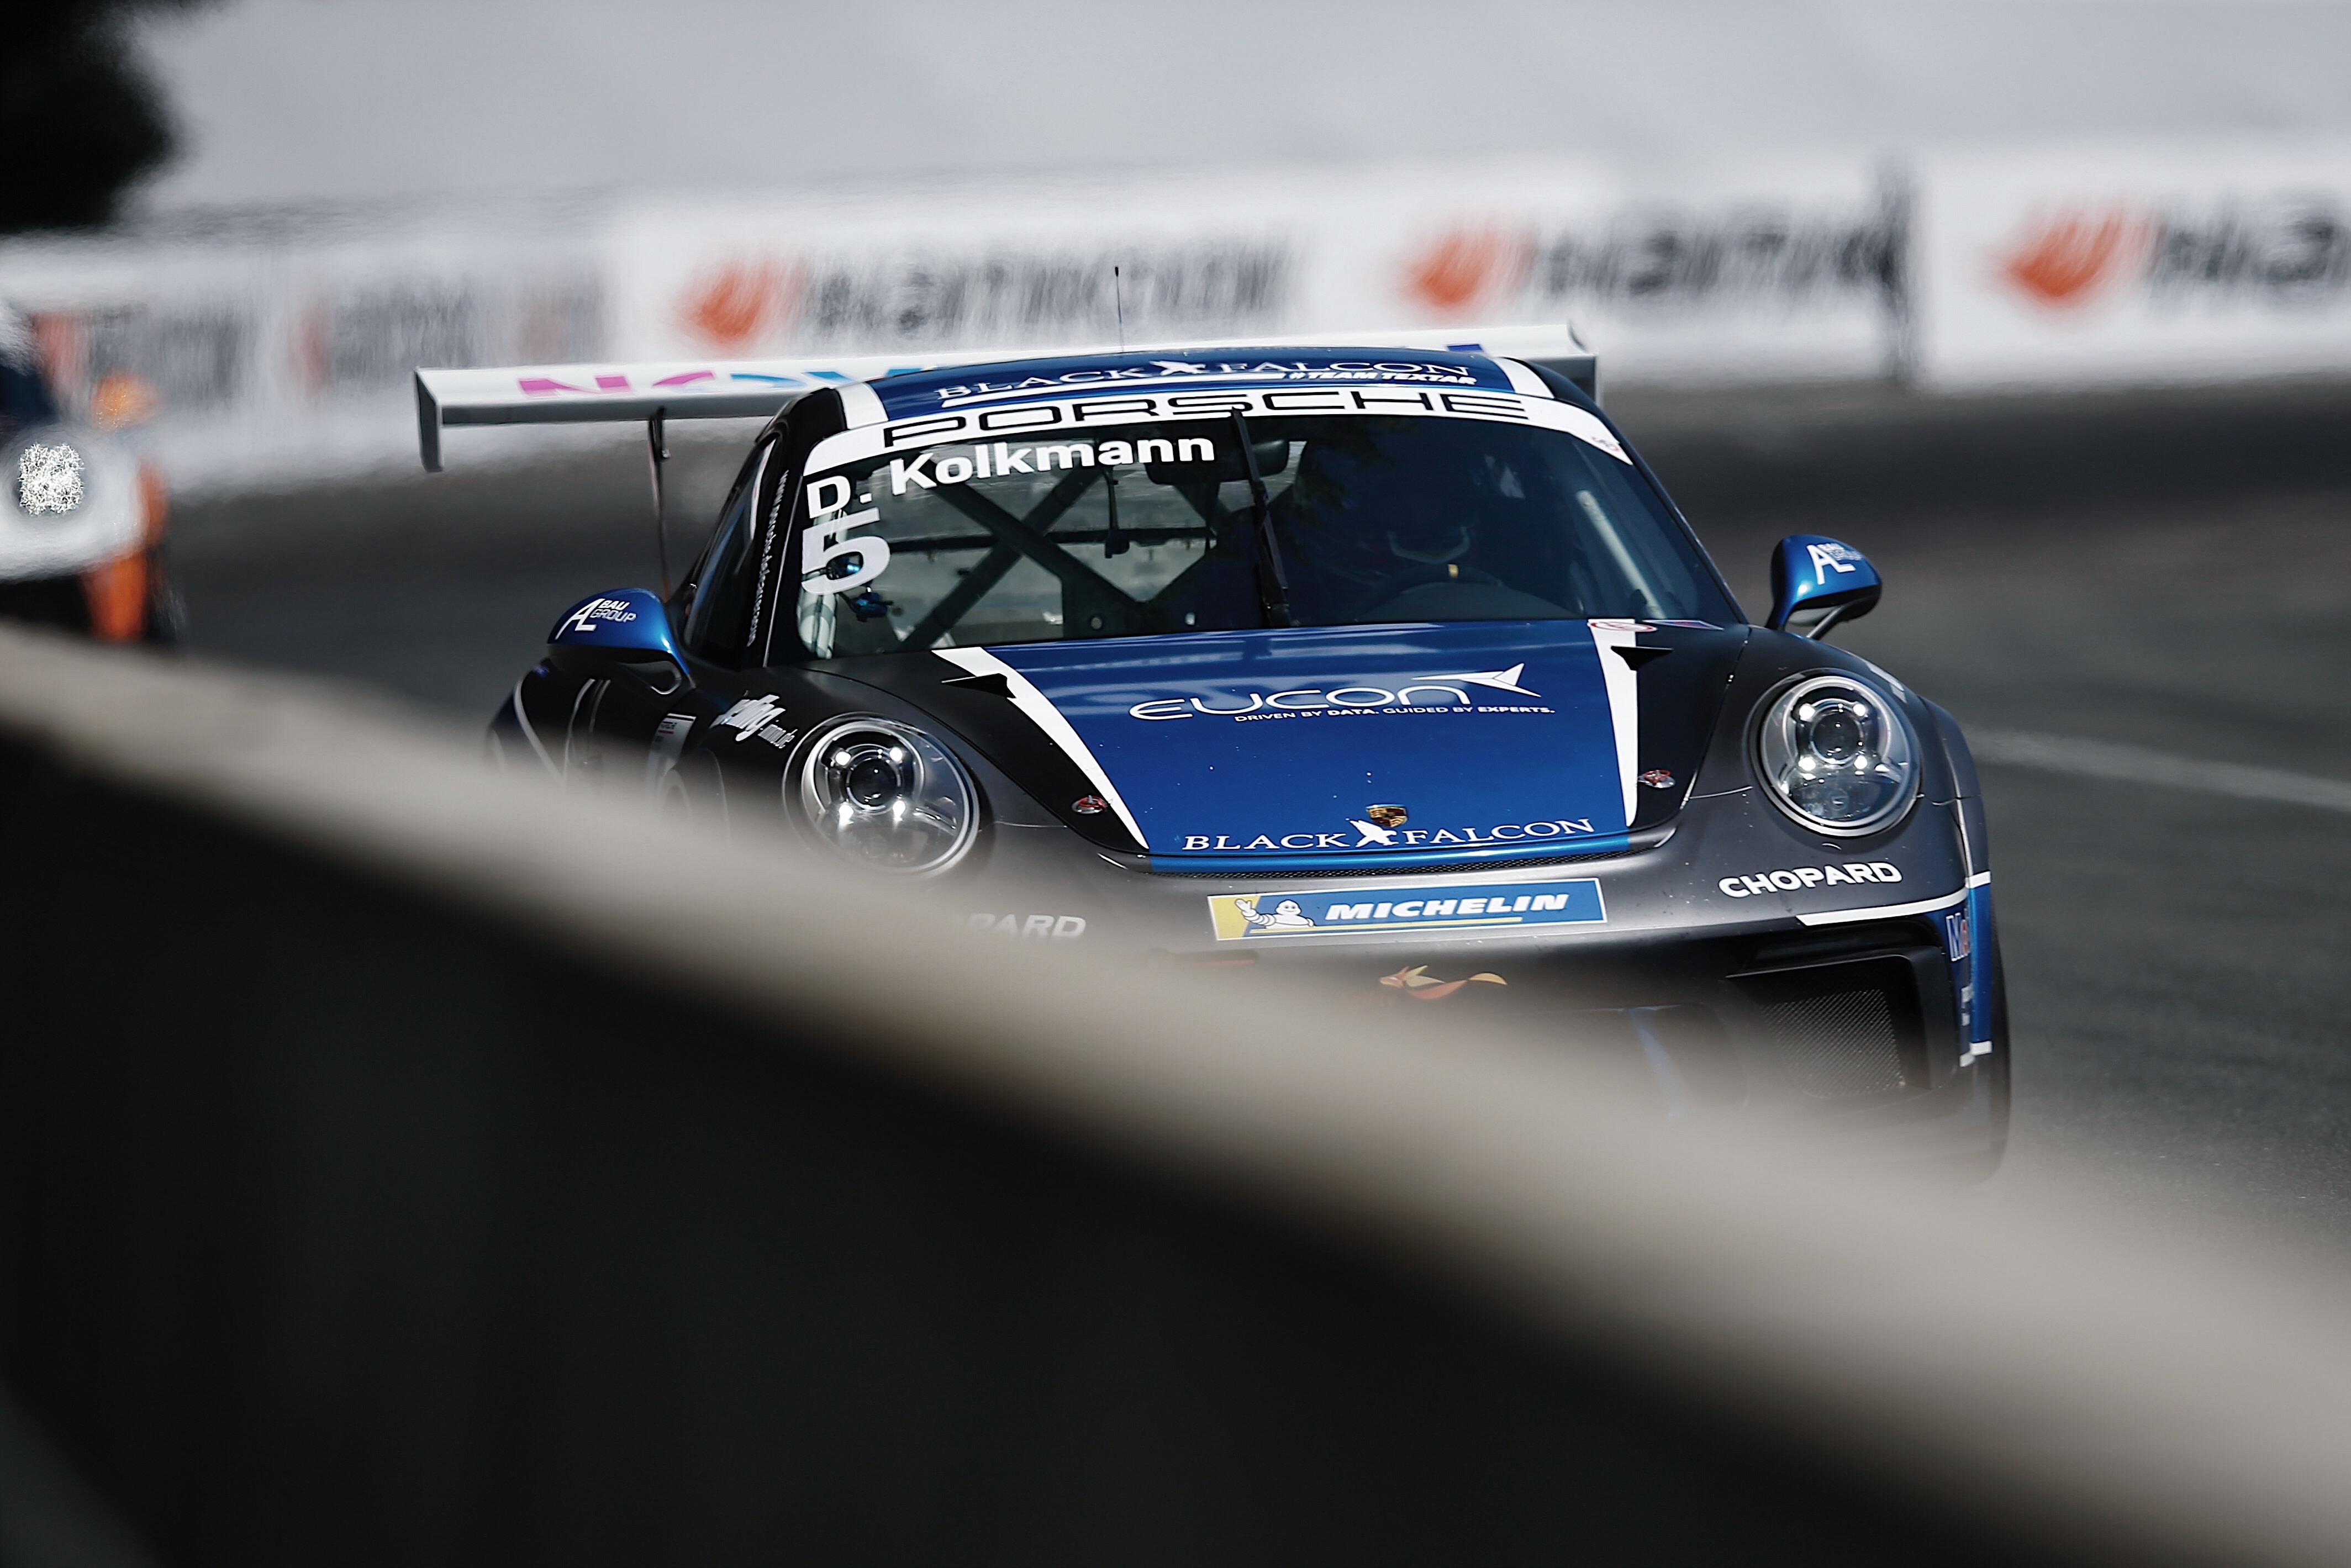 Porsche 911 GT3 Cup, David Kolkmann (D),  Porsche Carrera Cup Deutschland, Norisring 2019